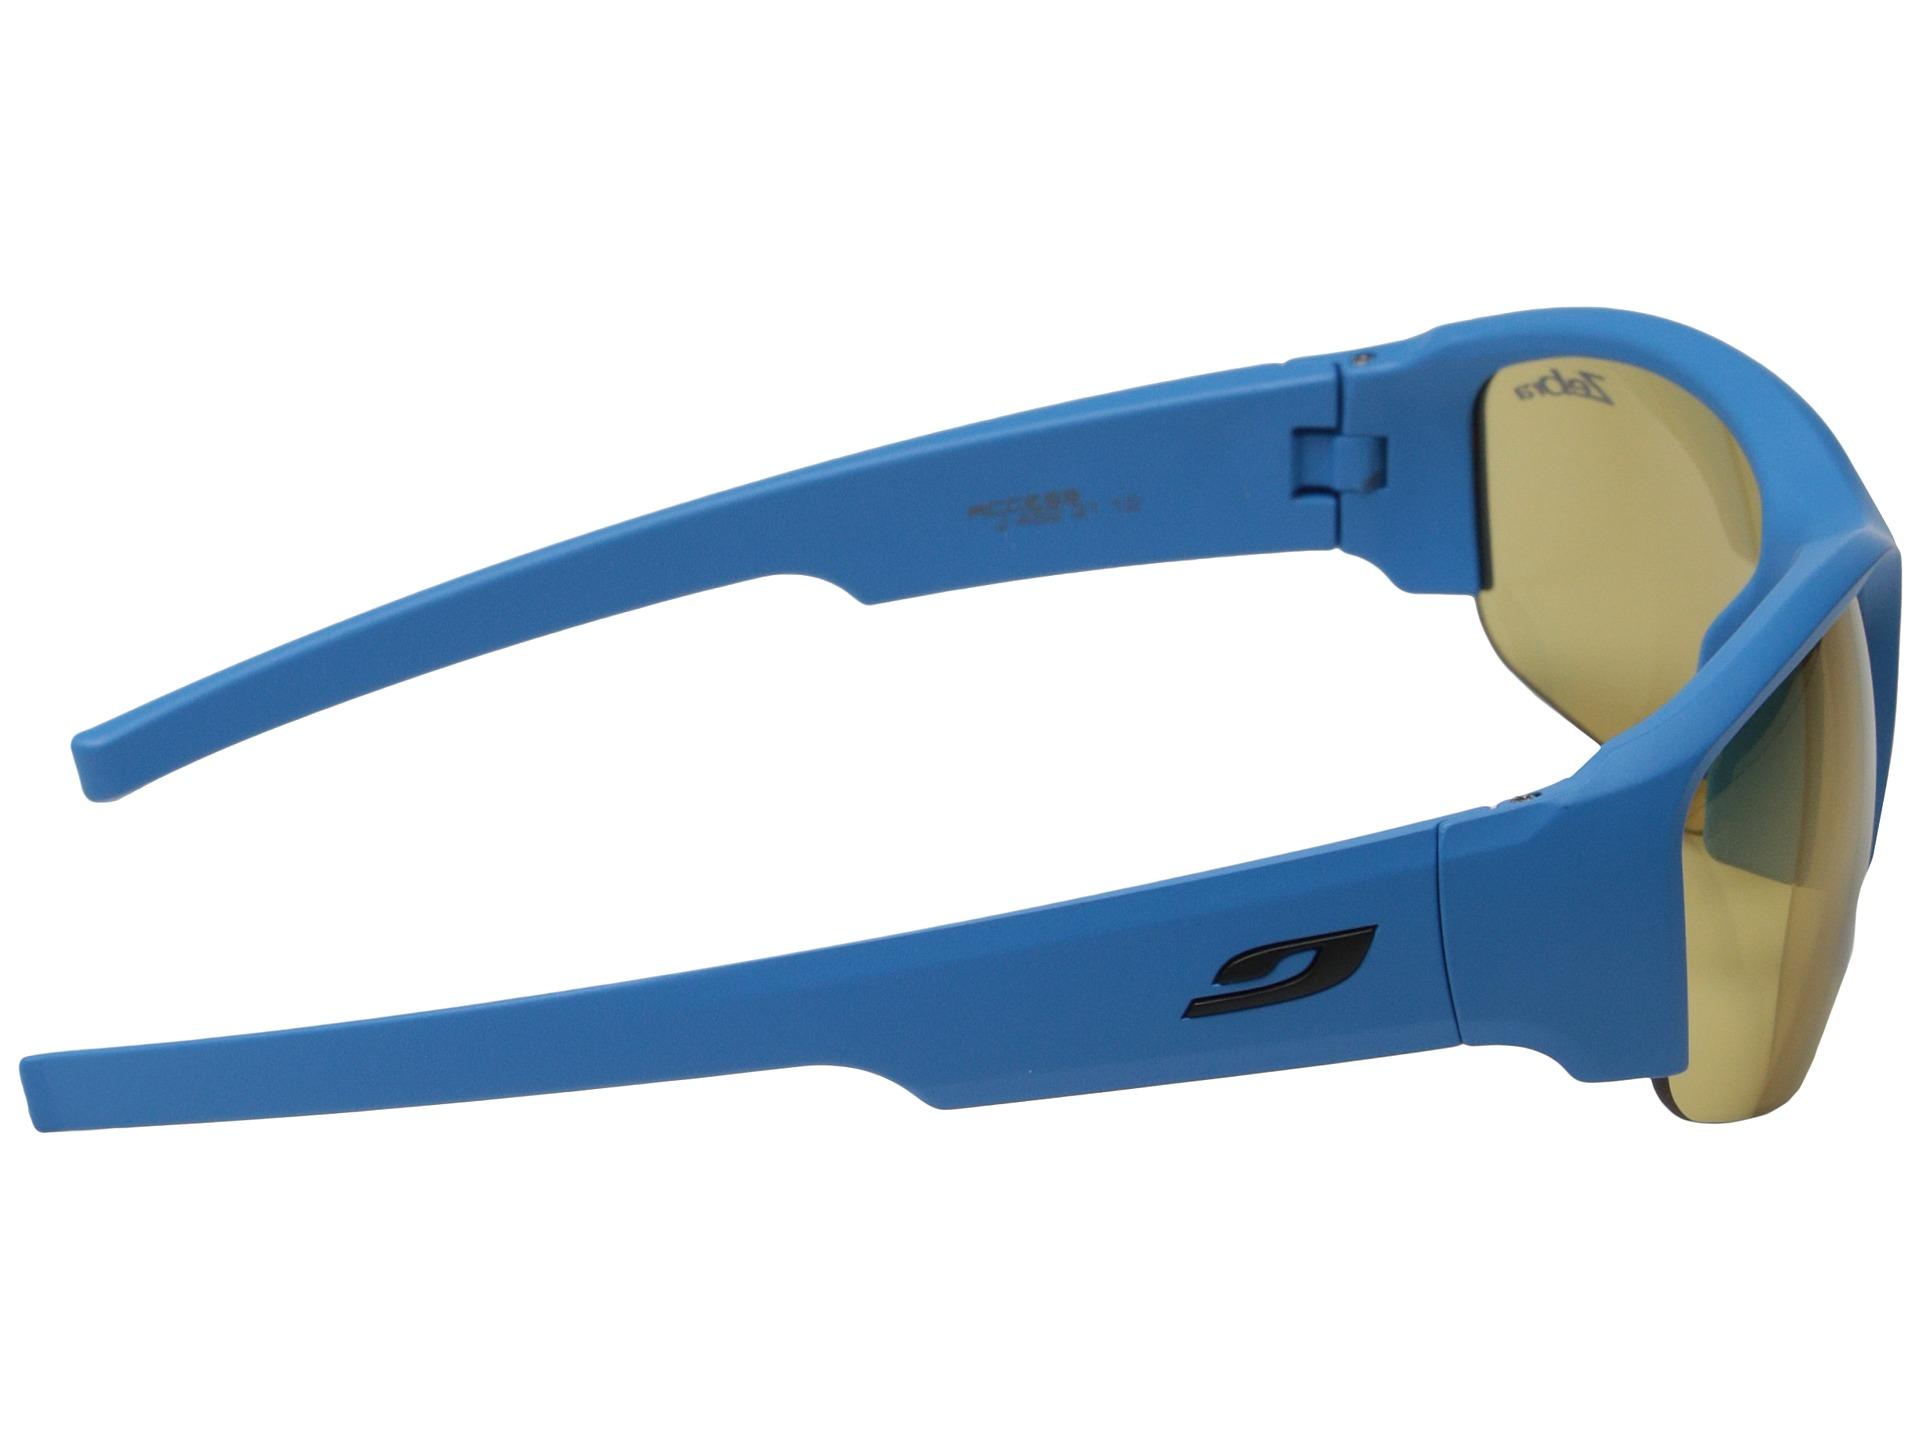 d00d80ffd7 Julbo Eyewear Access Sunglasses Blue With Zebra Lenses